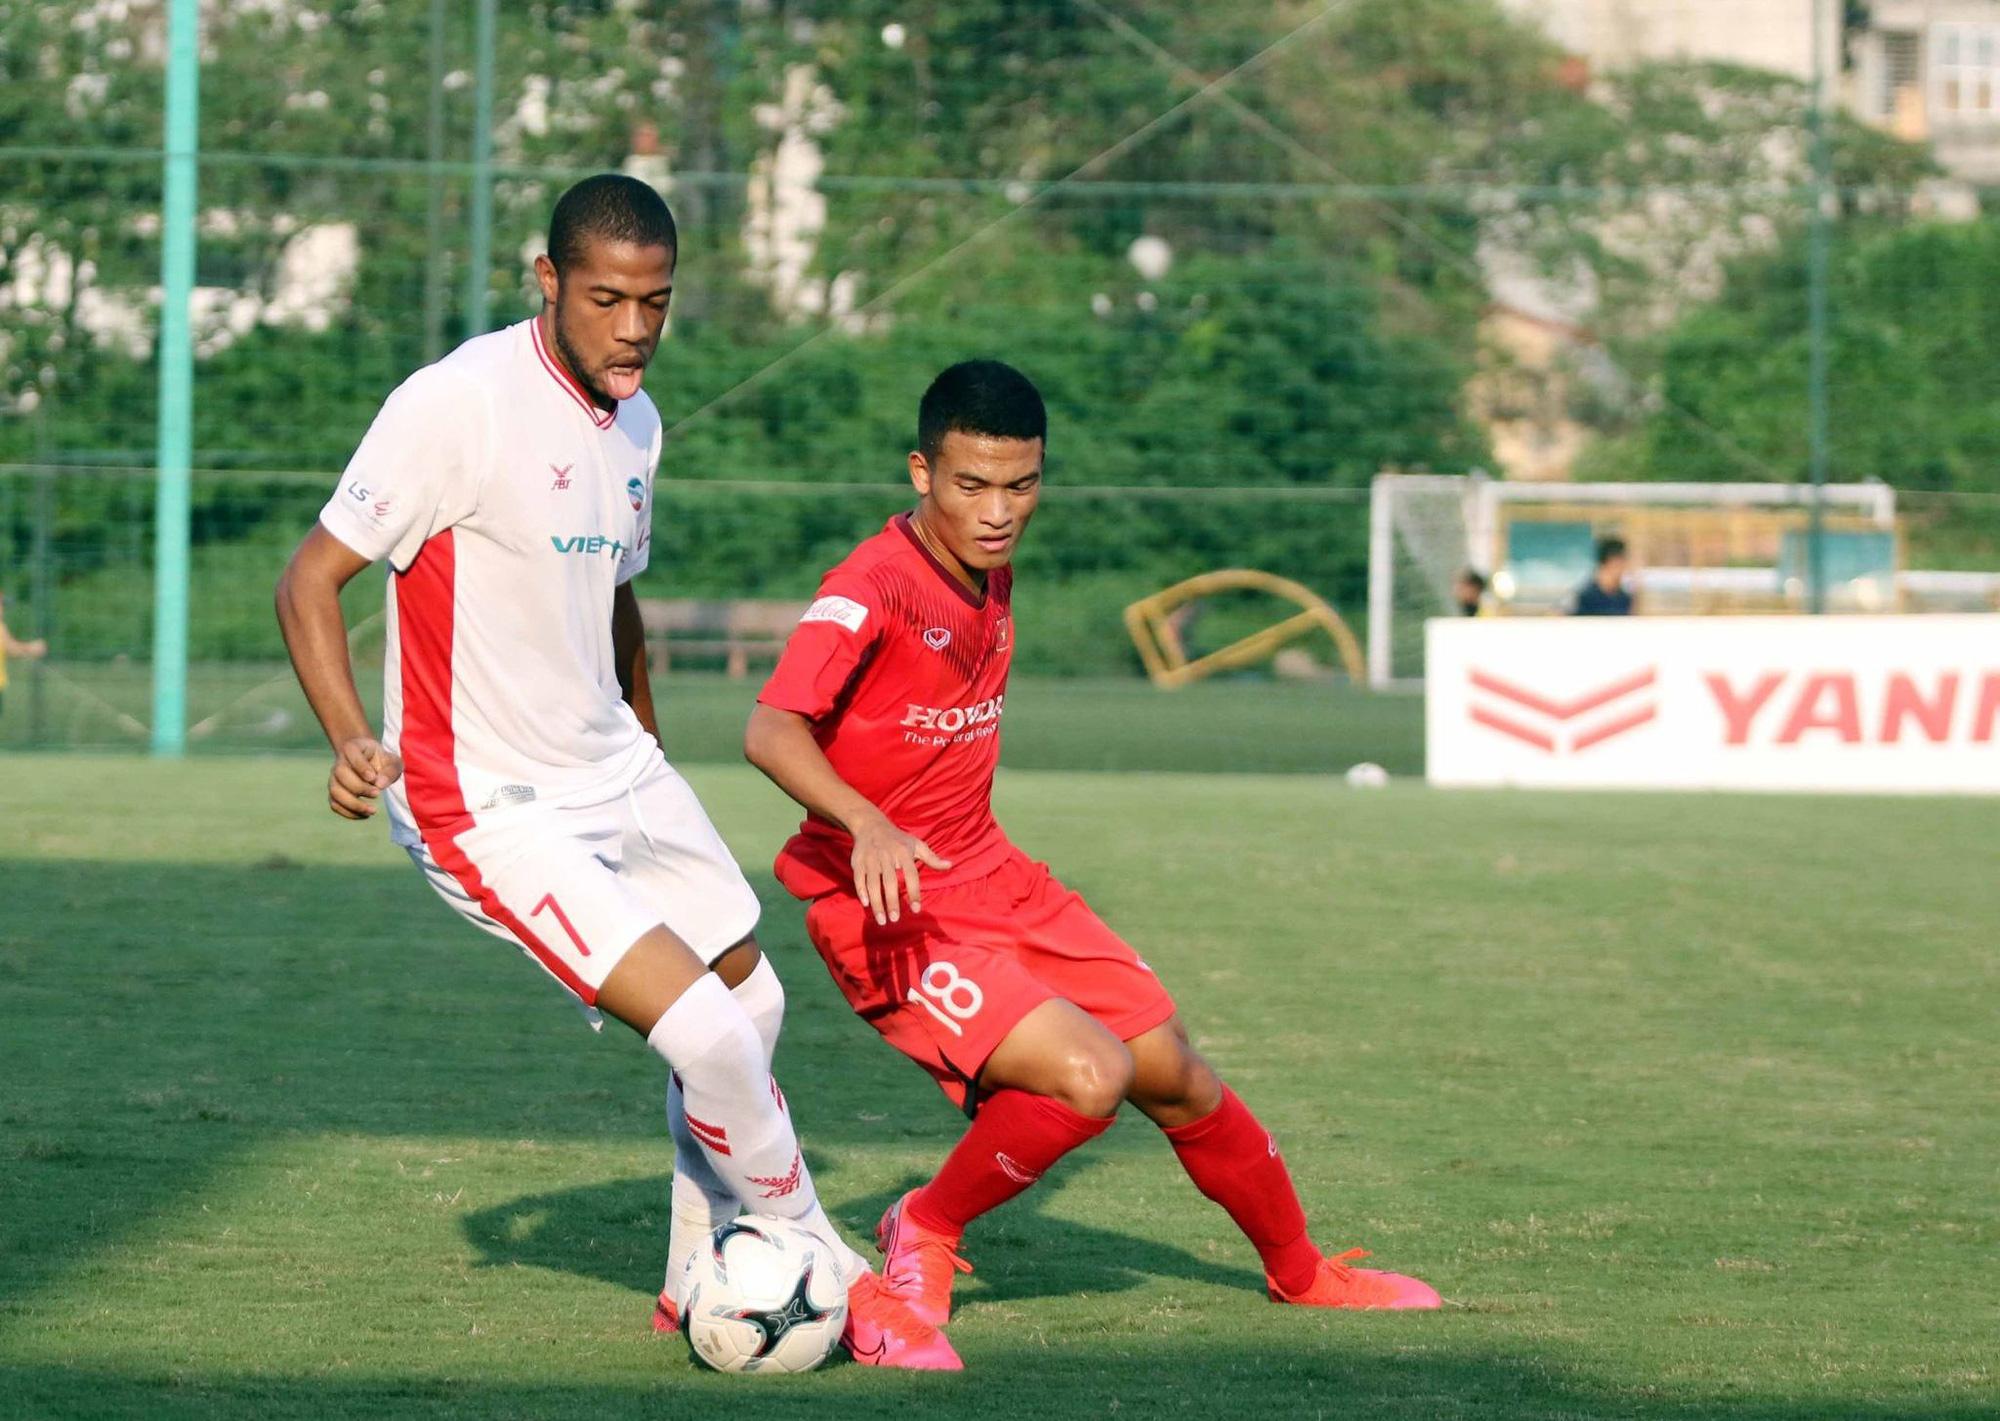 Ngoại binh Caique của Viettel đã ghi 1 bàn trong cuộc đọ sức với U22 Việt Nam. Ảnh: Đức Đoàn